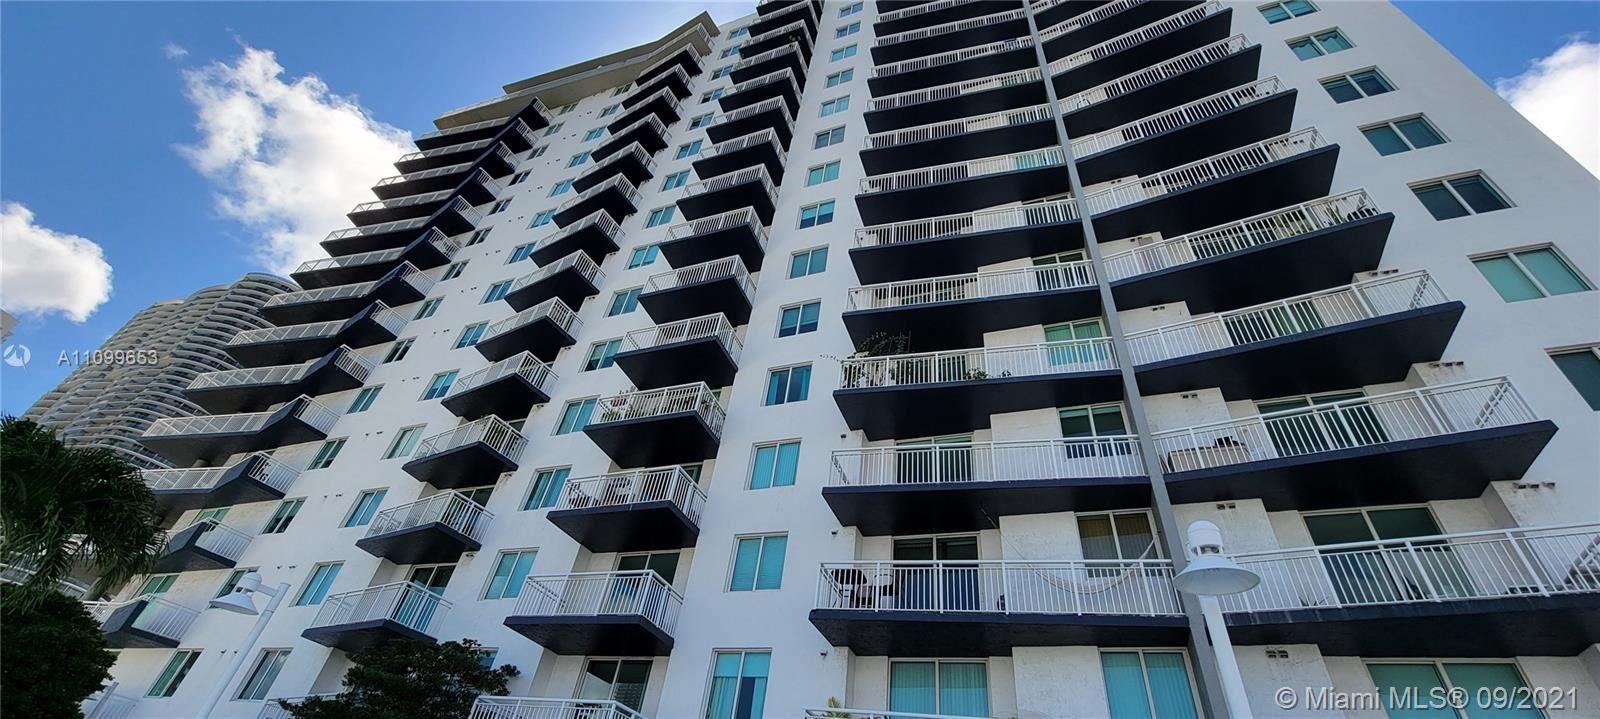 275 NE 18th St #501, Miami, FL 33132 - #: A11099653